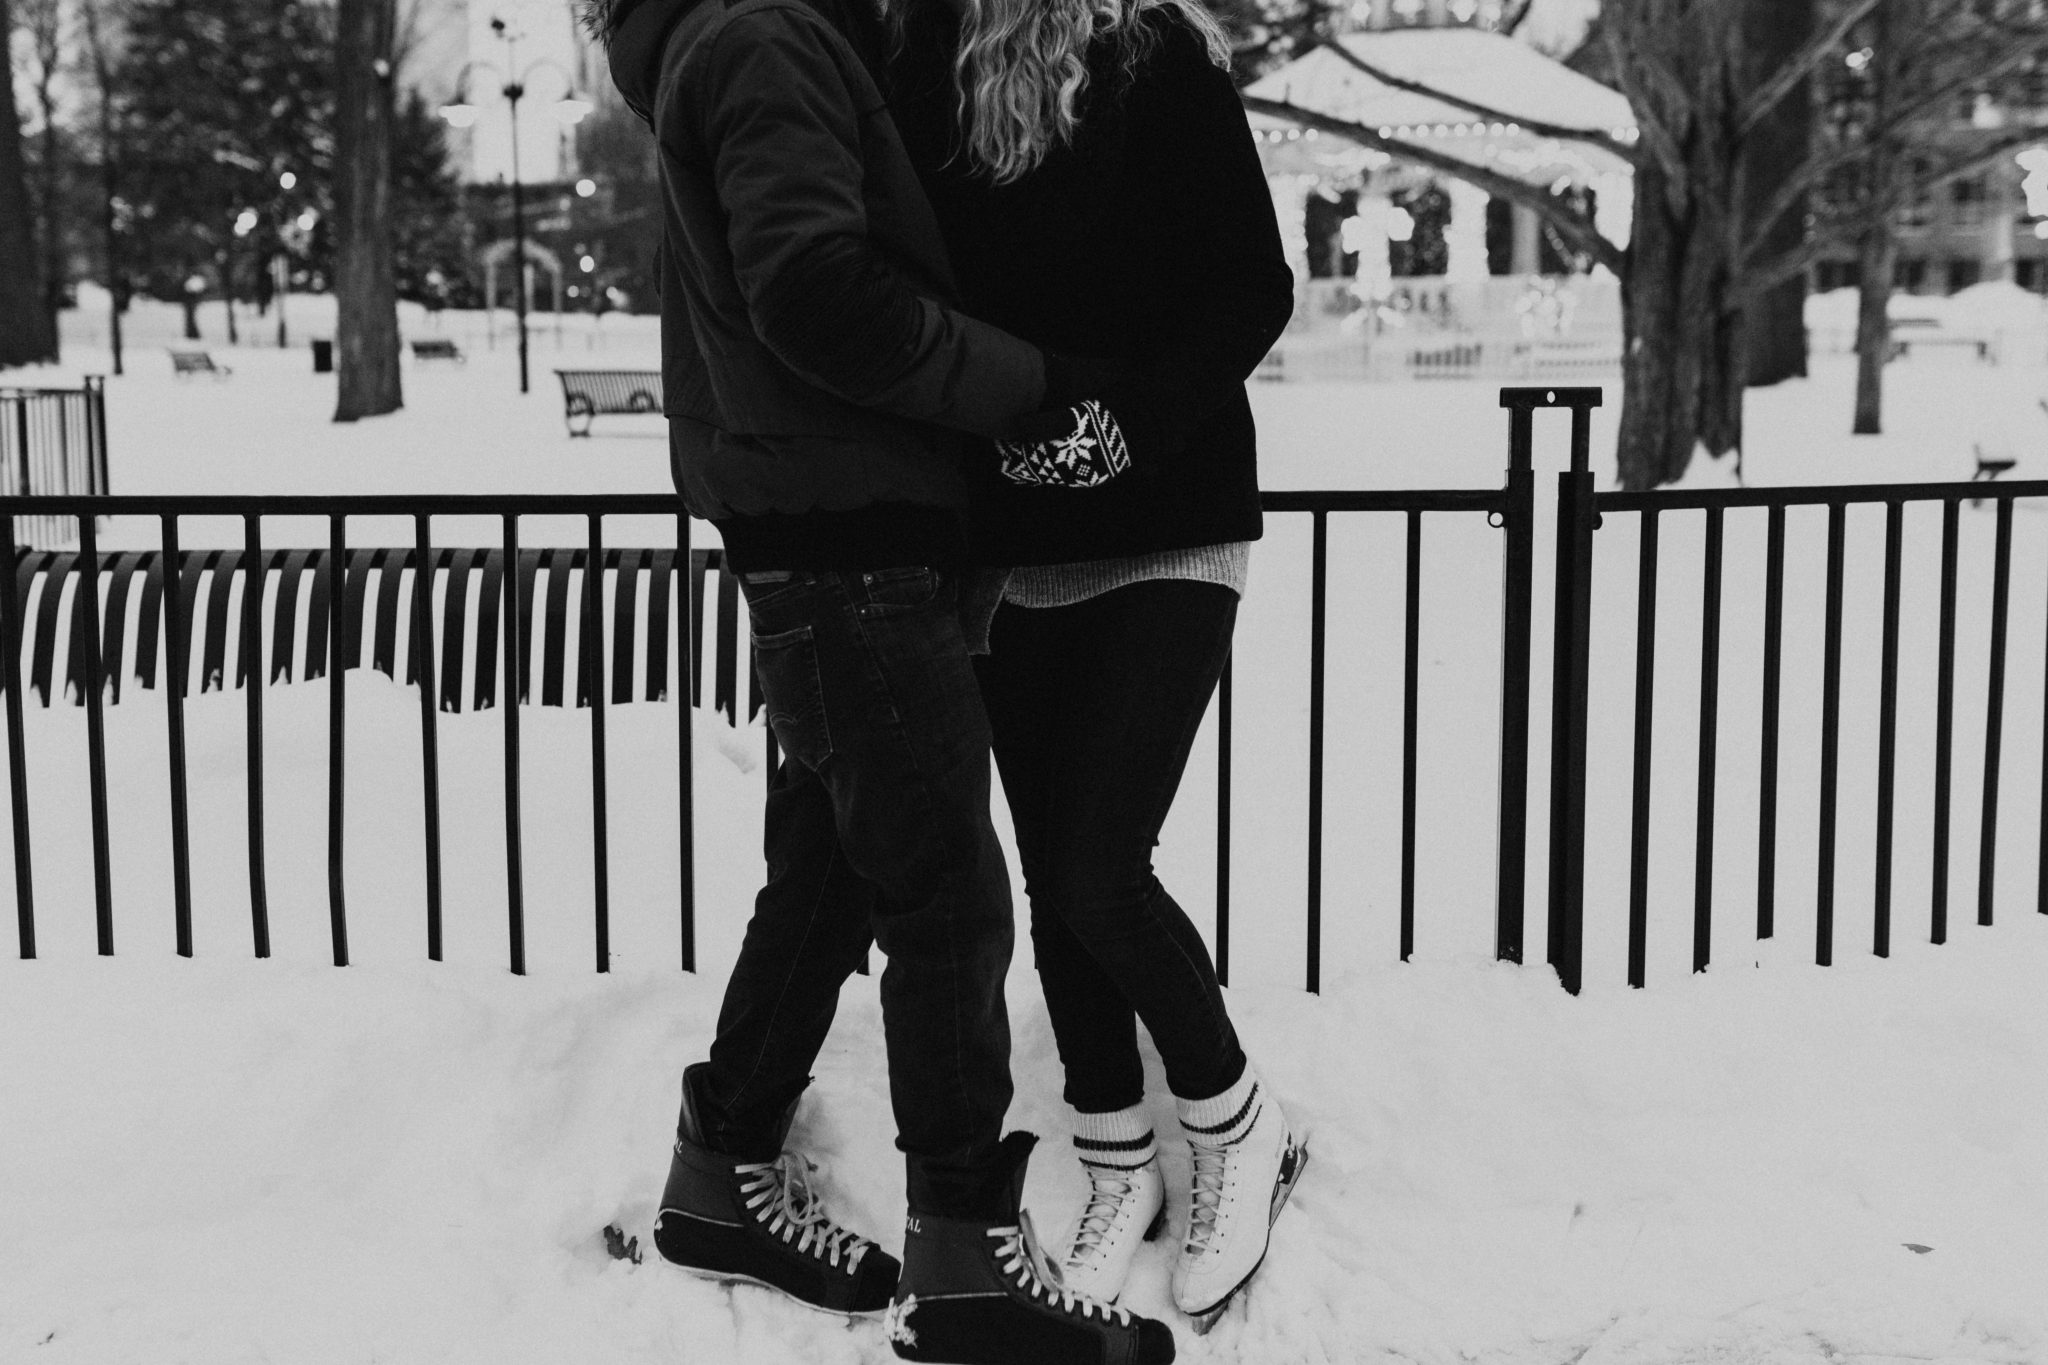 skate engagement photoshoot